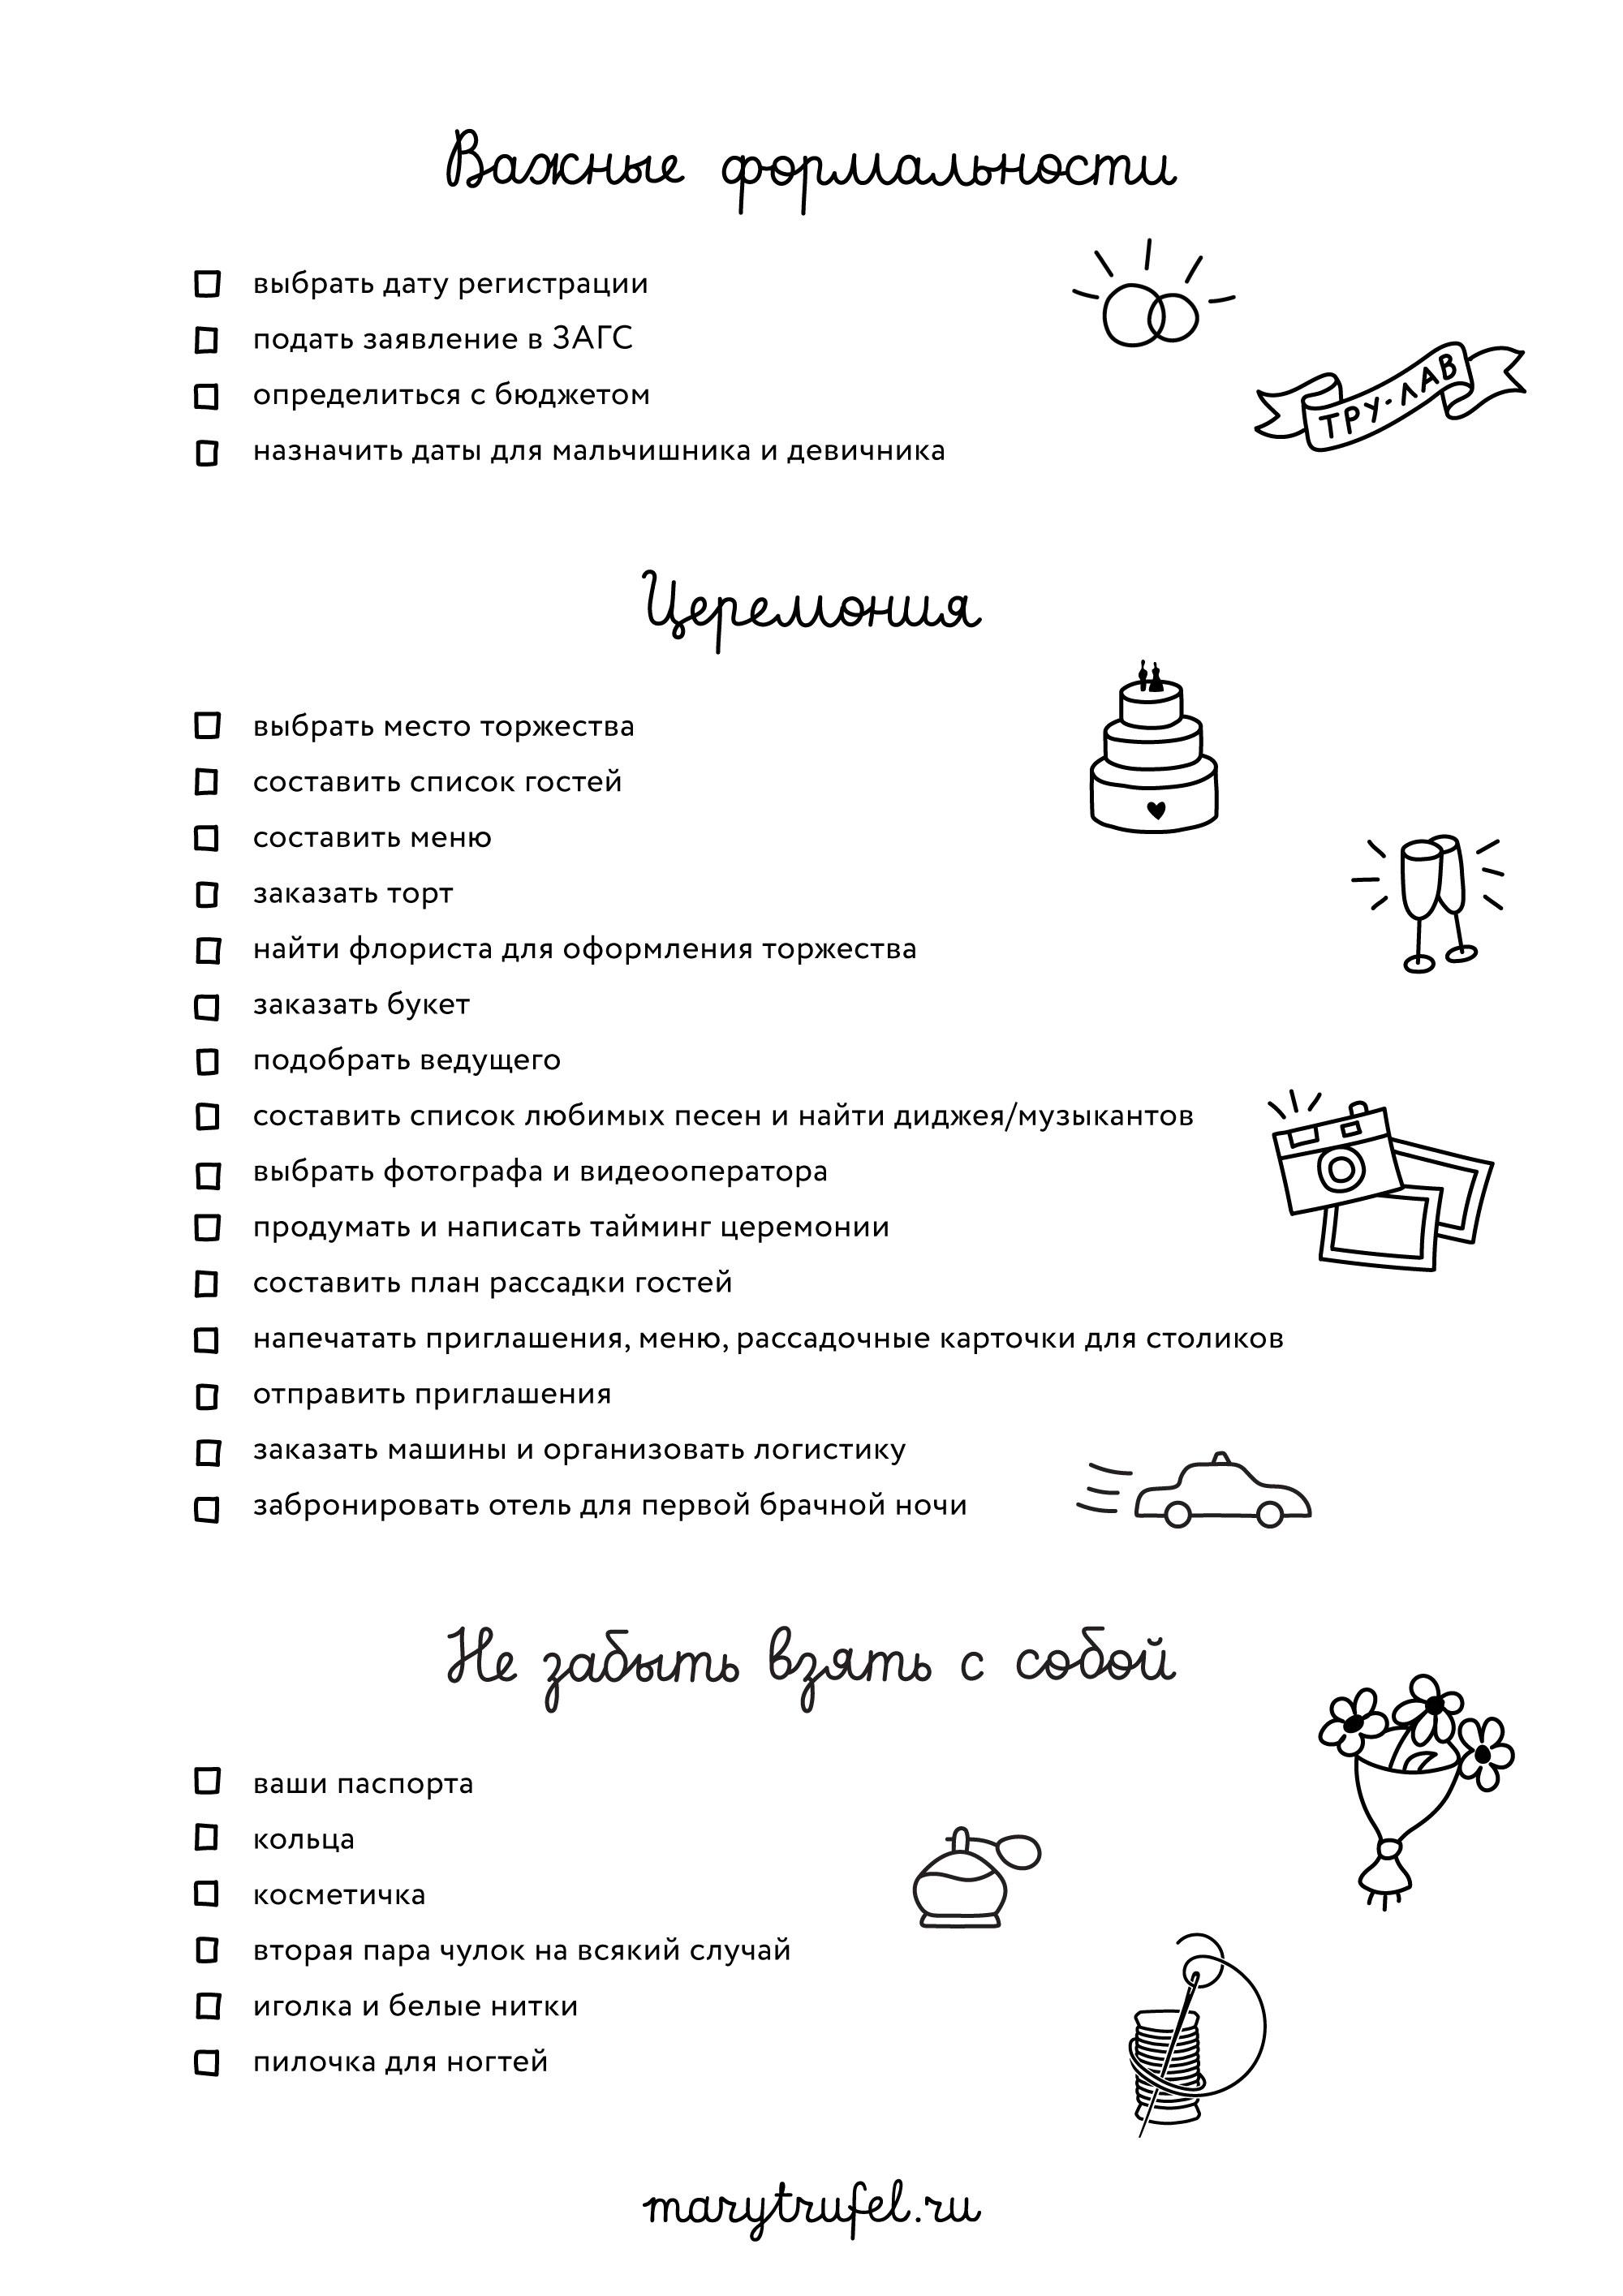 Чек-лист по подготовке к свадьбе - pdf скачать бесплатно